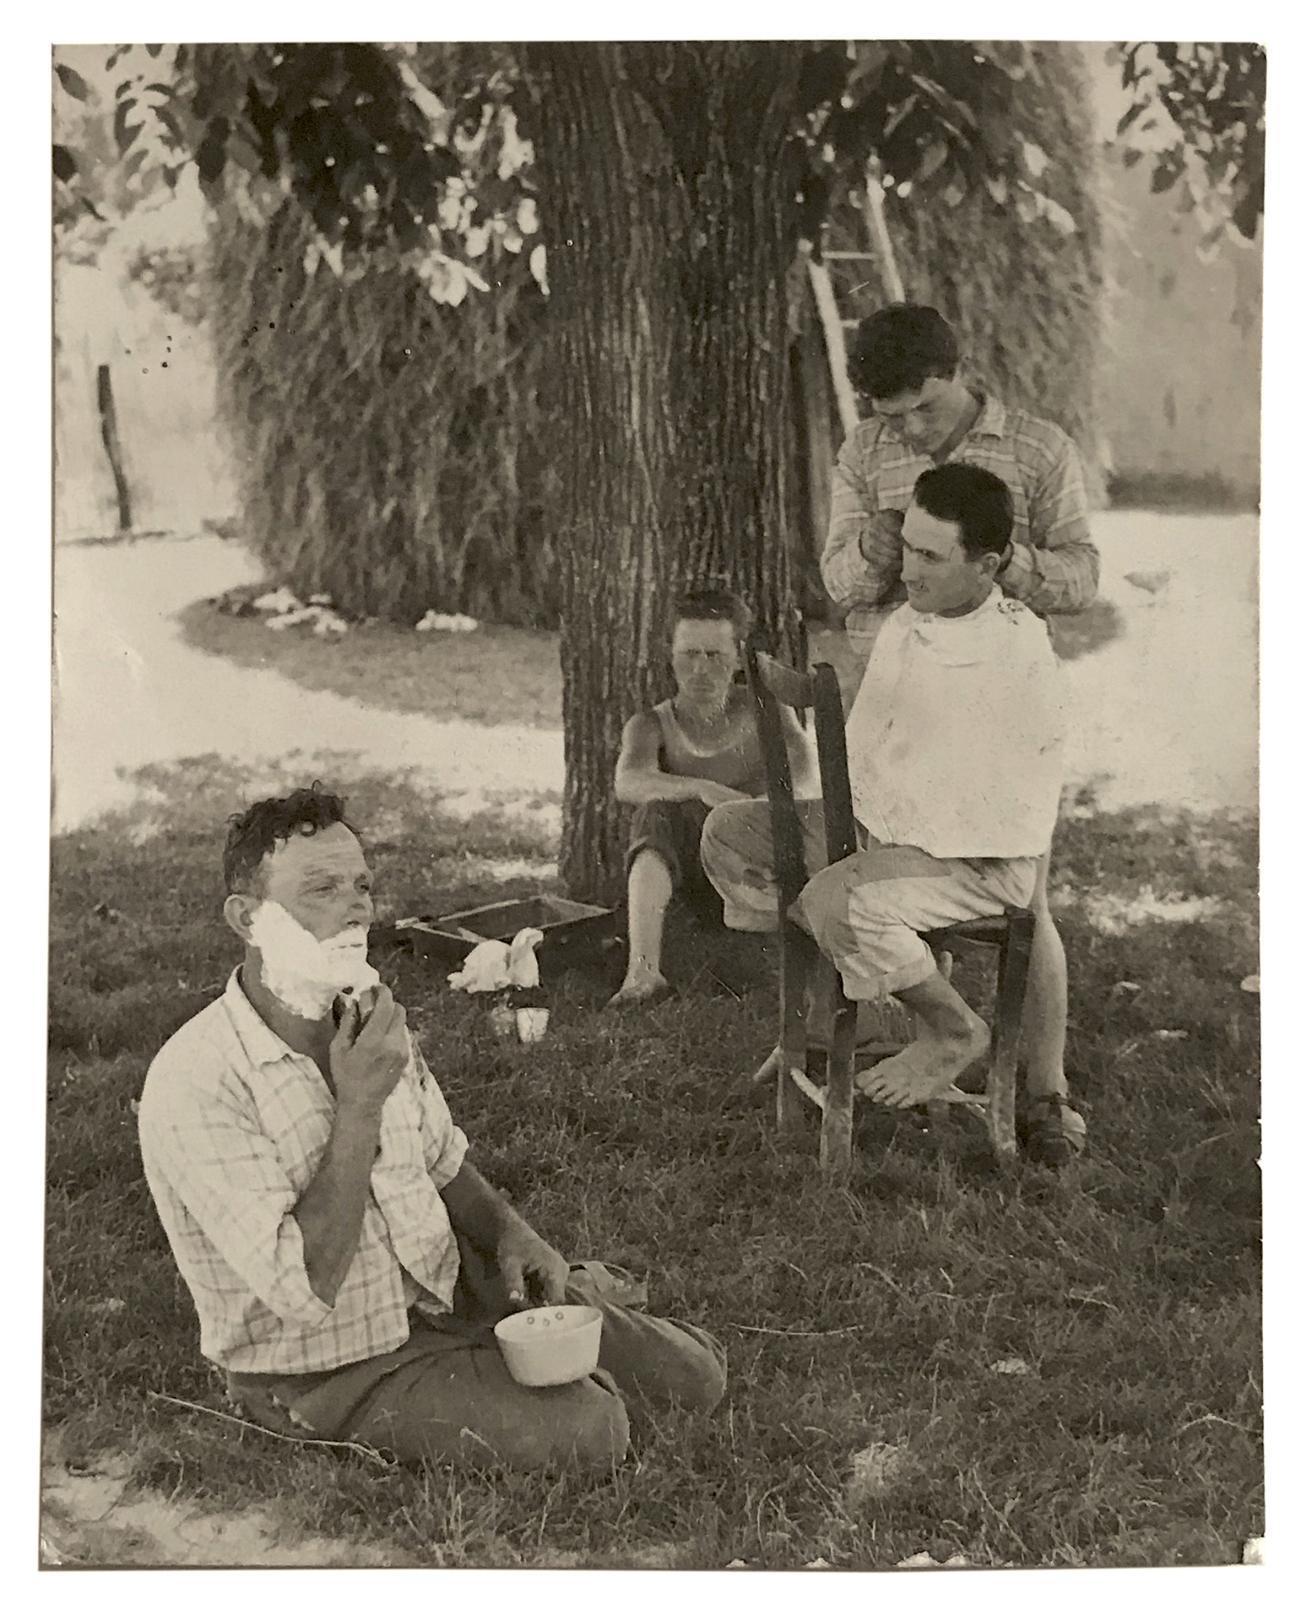 Mario Giacomelli, La Domenica in Campana, 1954, 9,5x7,5cm tirage argentique d'époque.